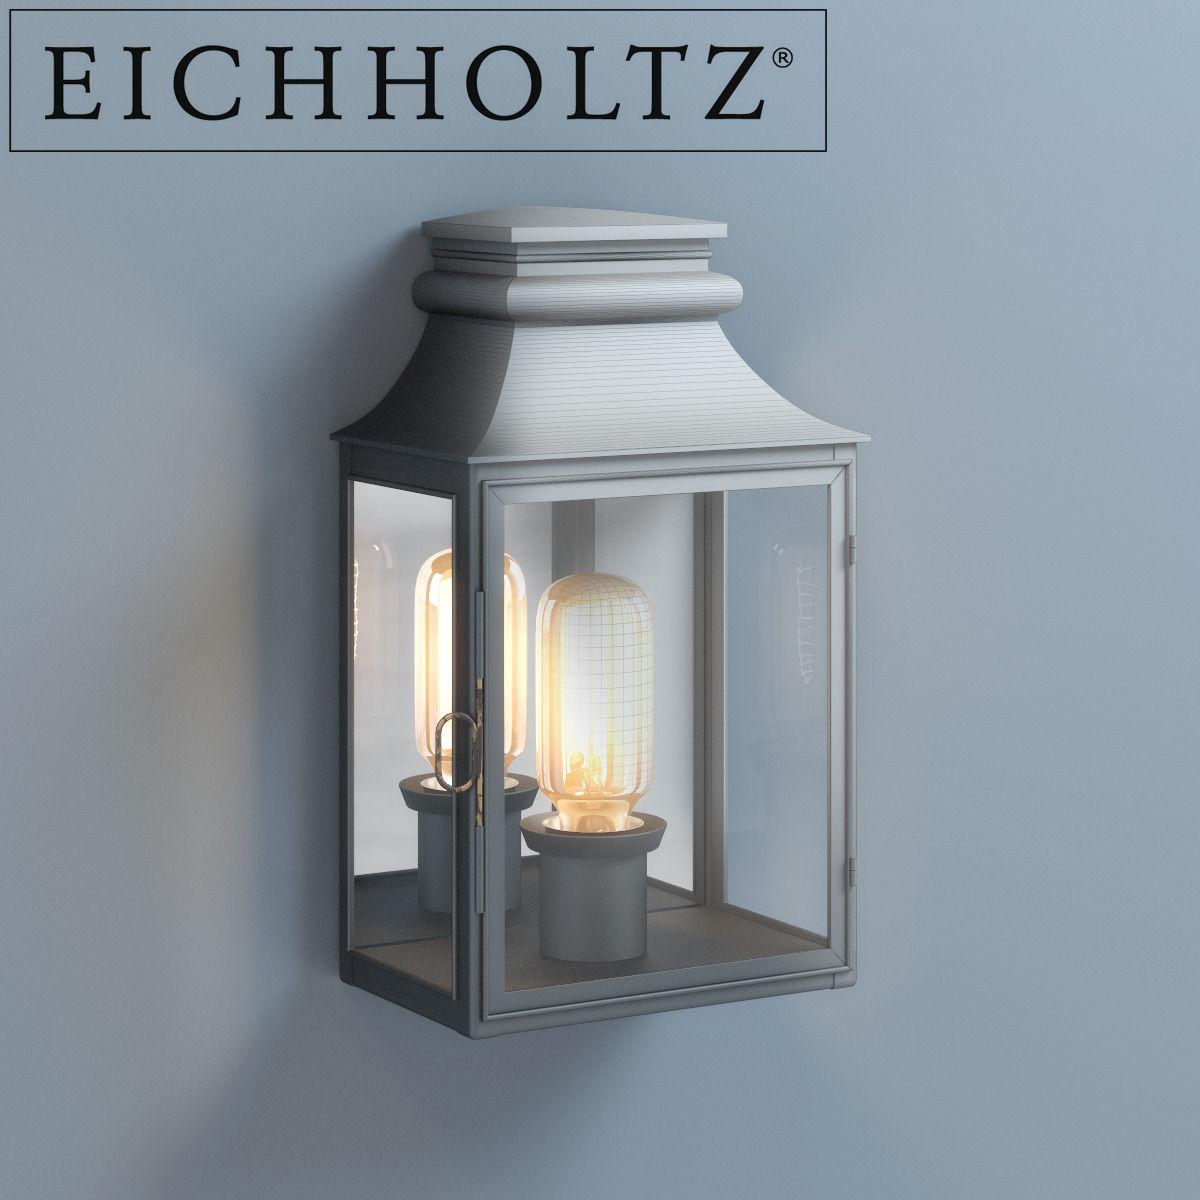 eichholtz primo large 3d model max fbx. Black Bedroom Furniture Sets. Home Design Ideas